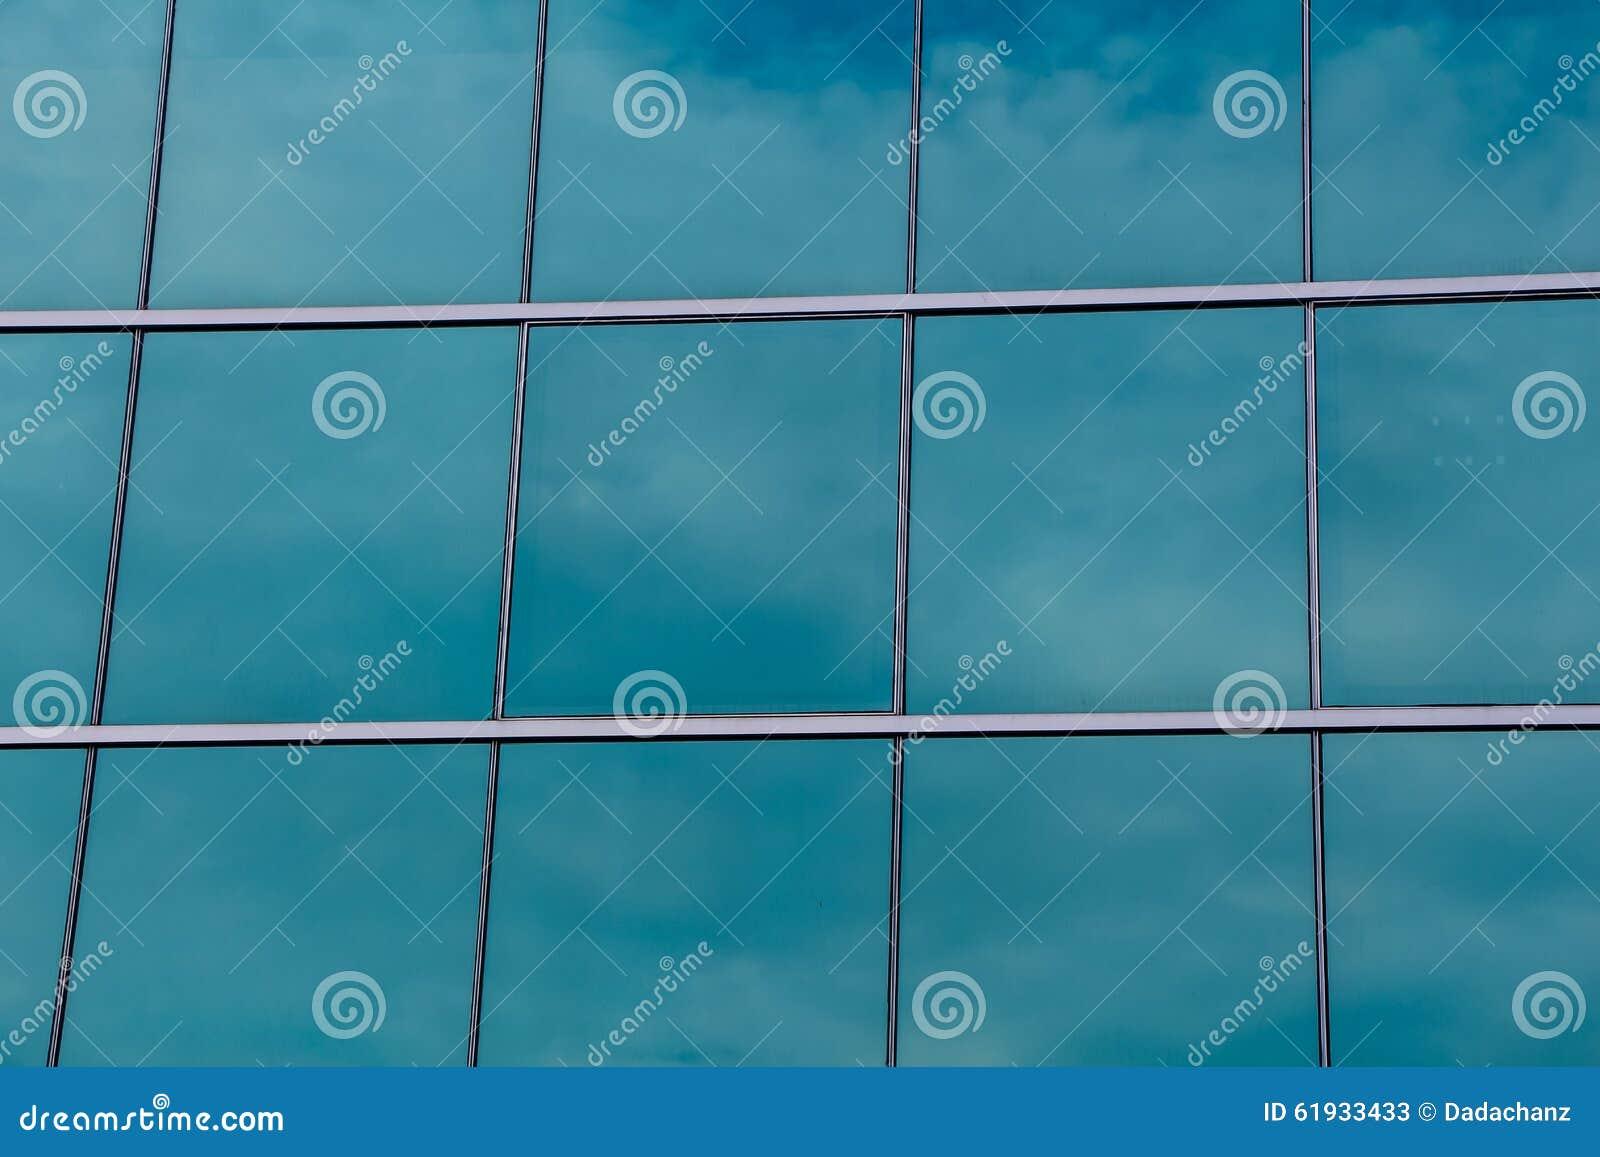 公司建筑物玻璃窗